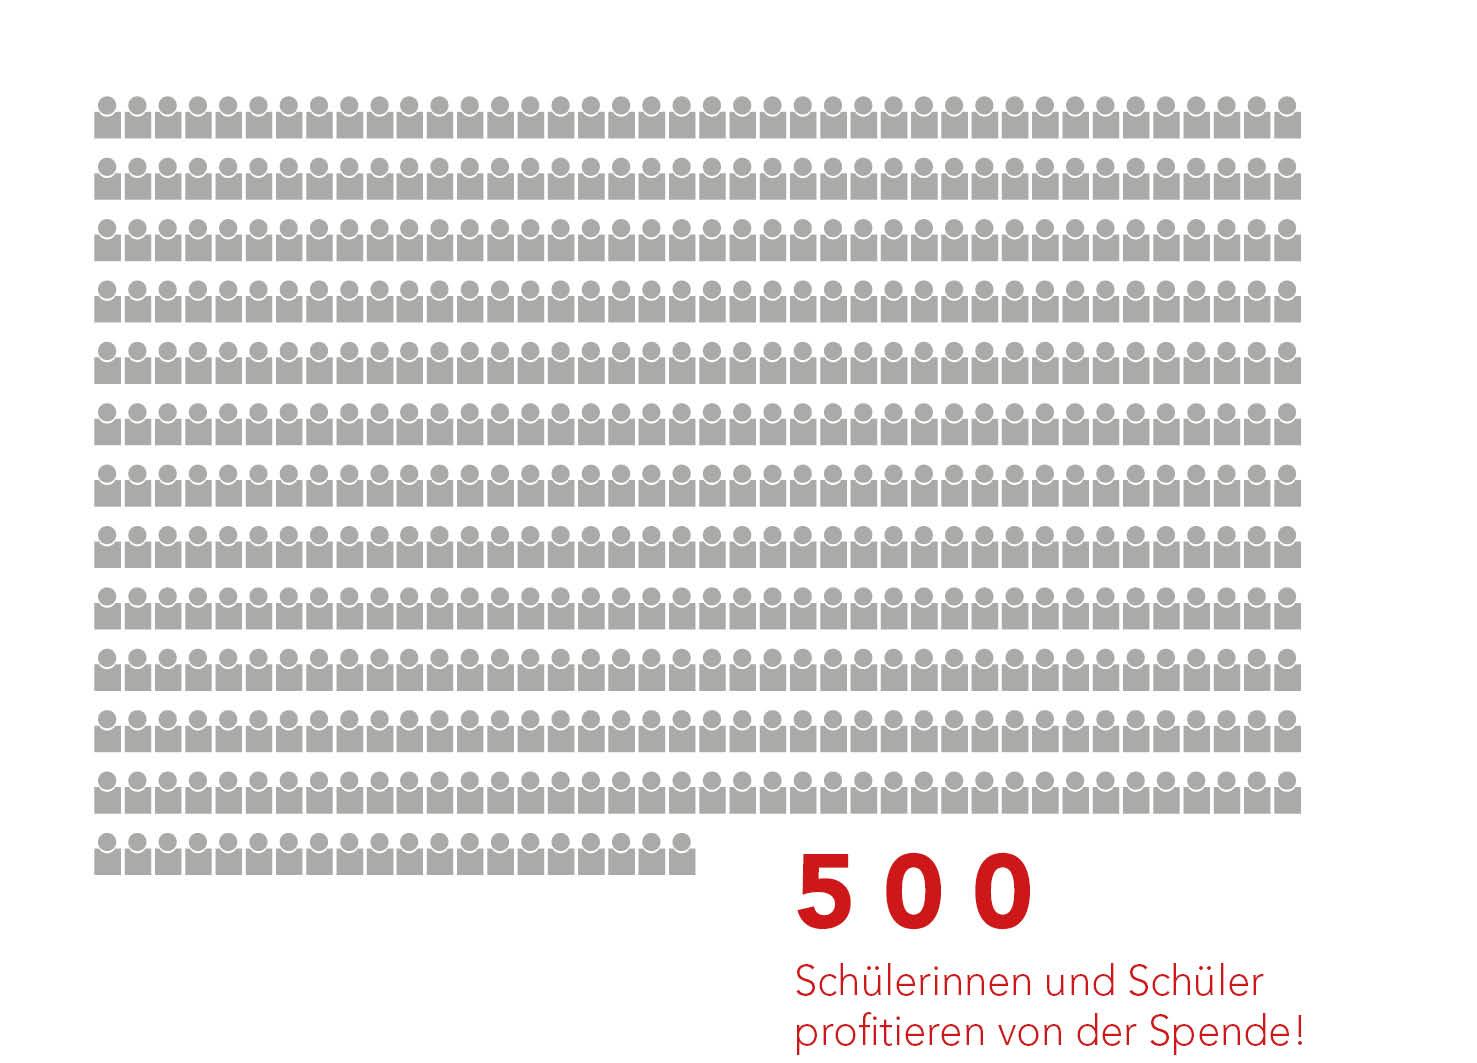 Kutur_Schüler_500